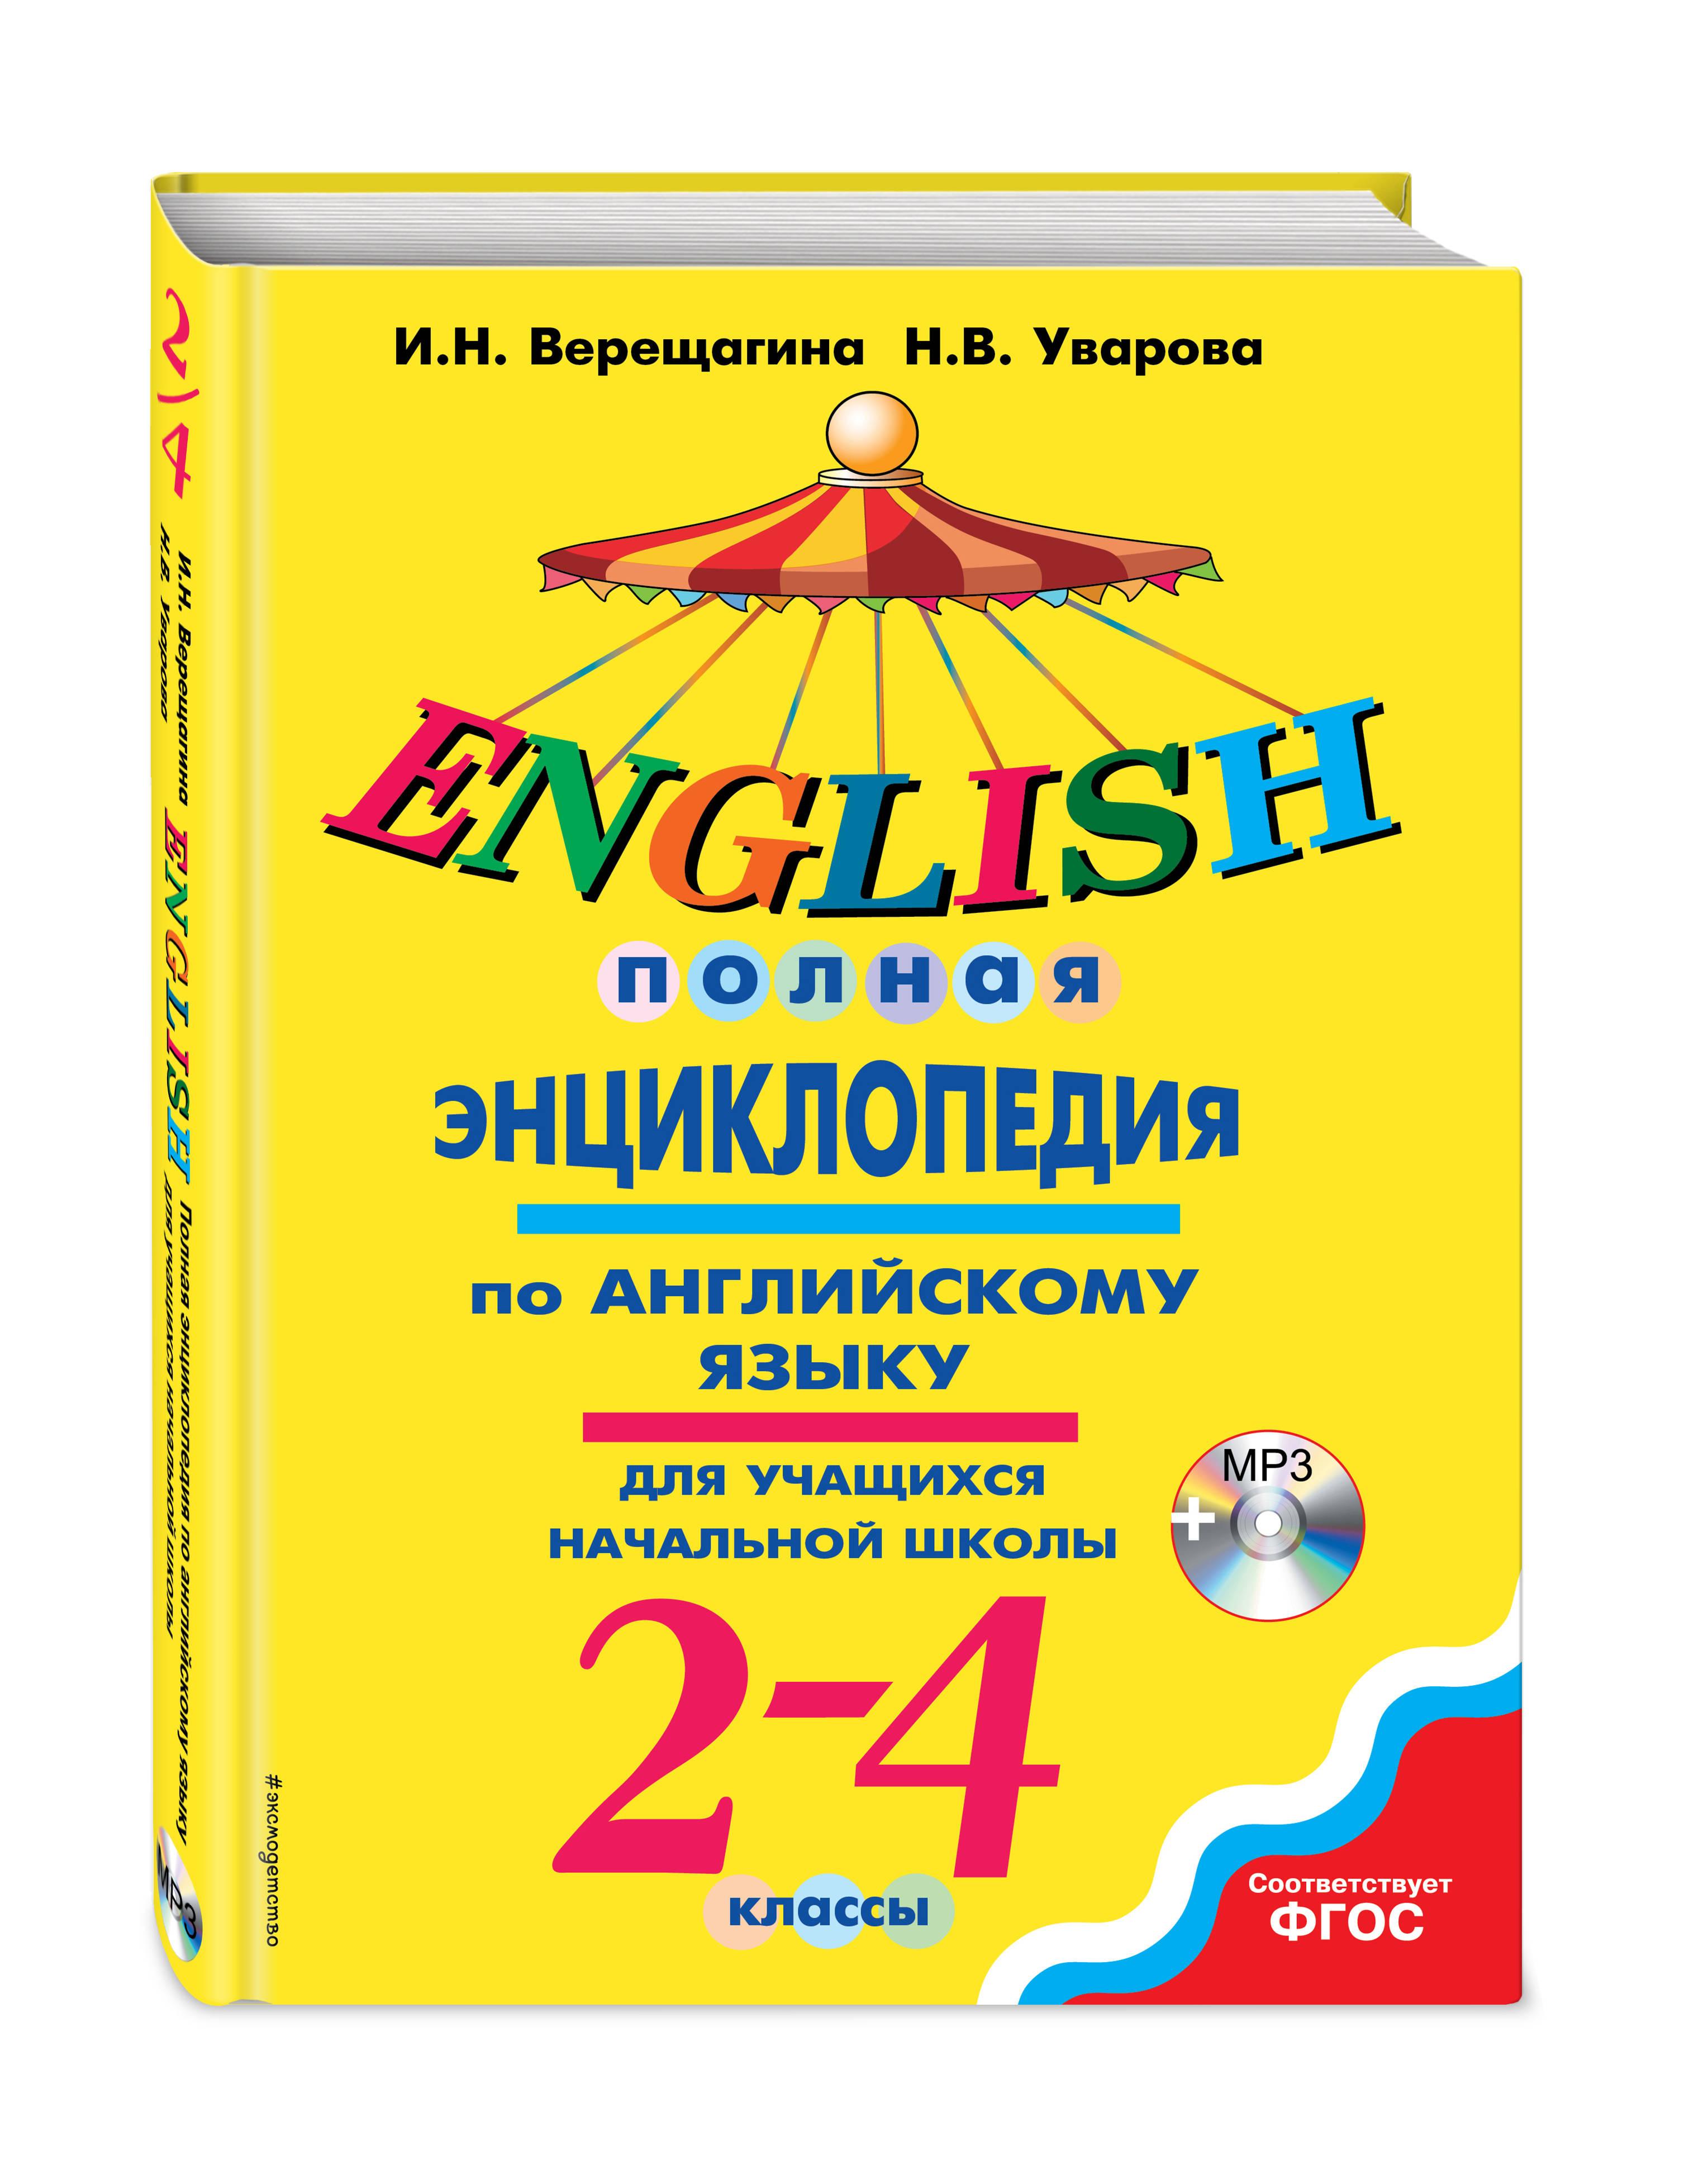 Полная энциклопедия по английскому языку для учащихся начальной школы. 2-4 классы + компакт-диск MP3 ( И.Н. Верещагина, Н.В. Уварова  )